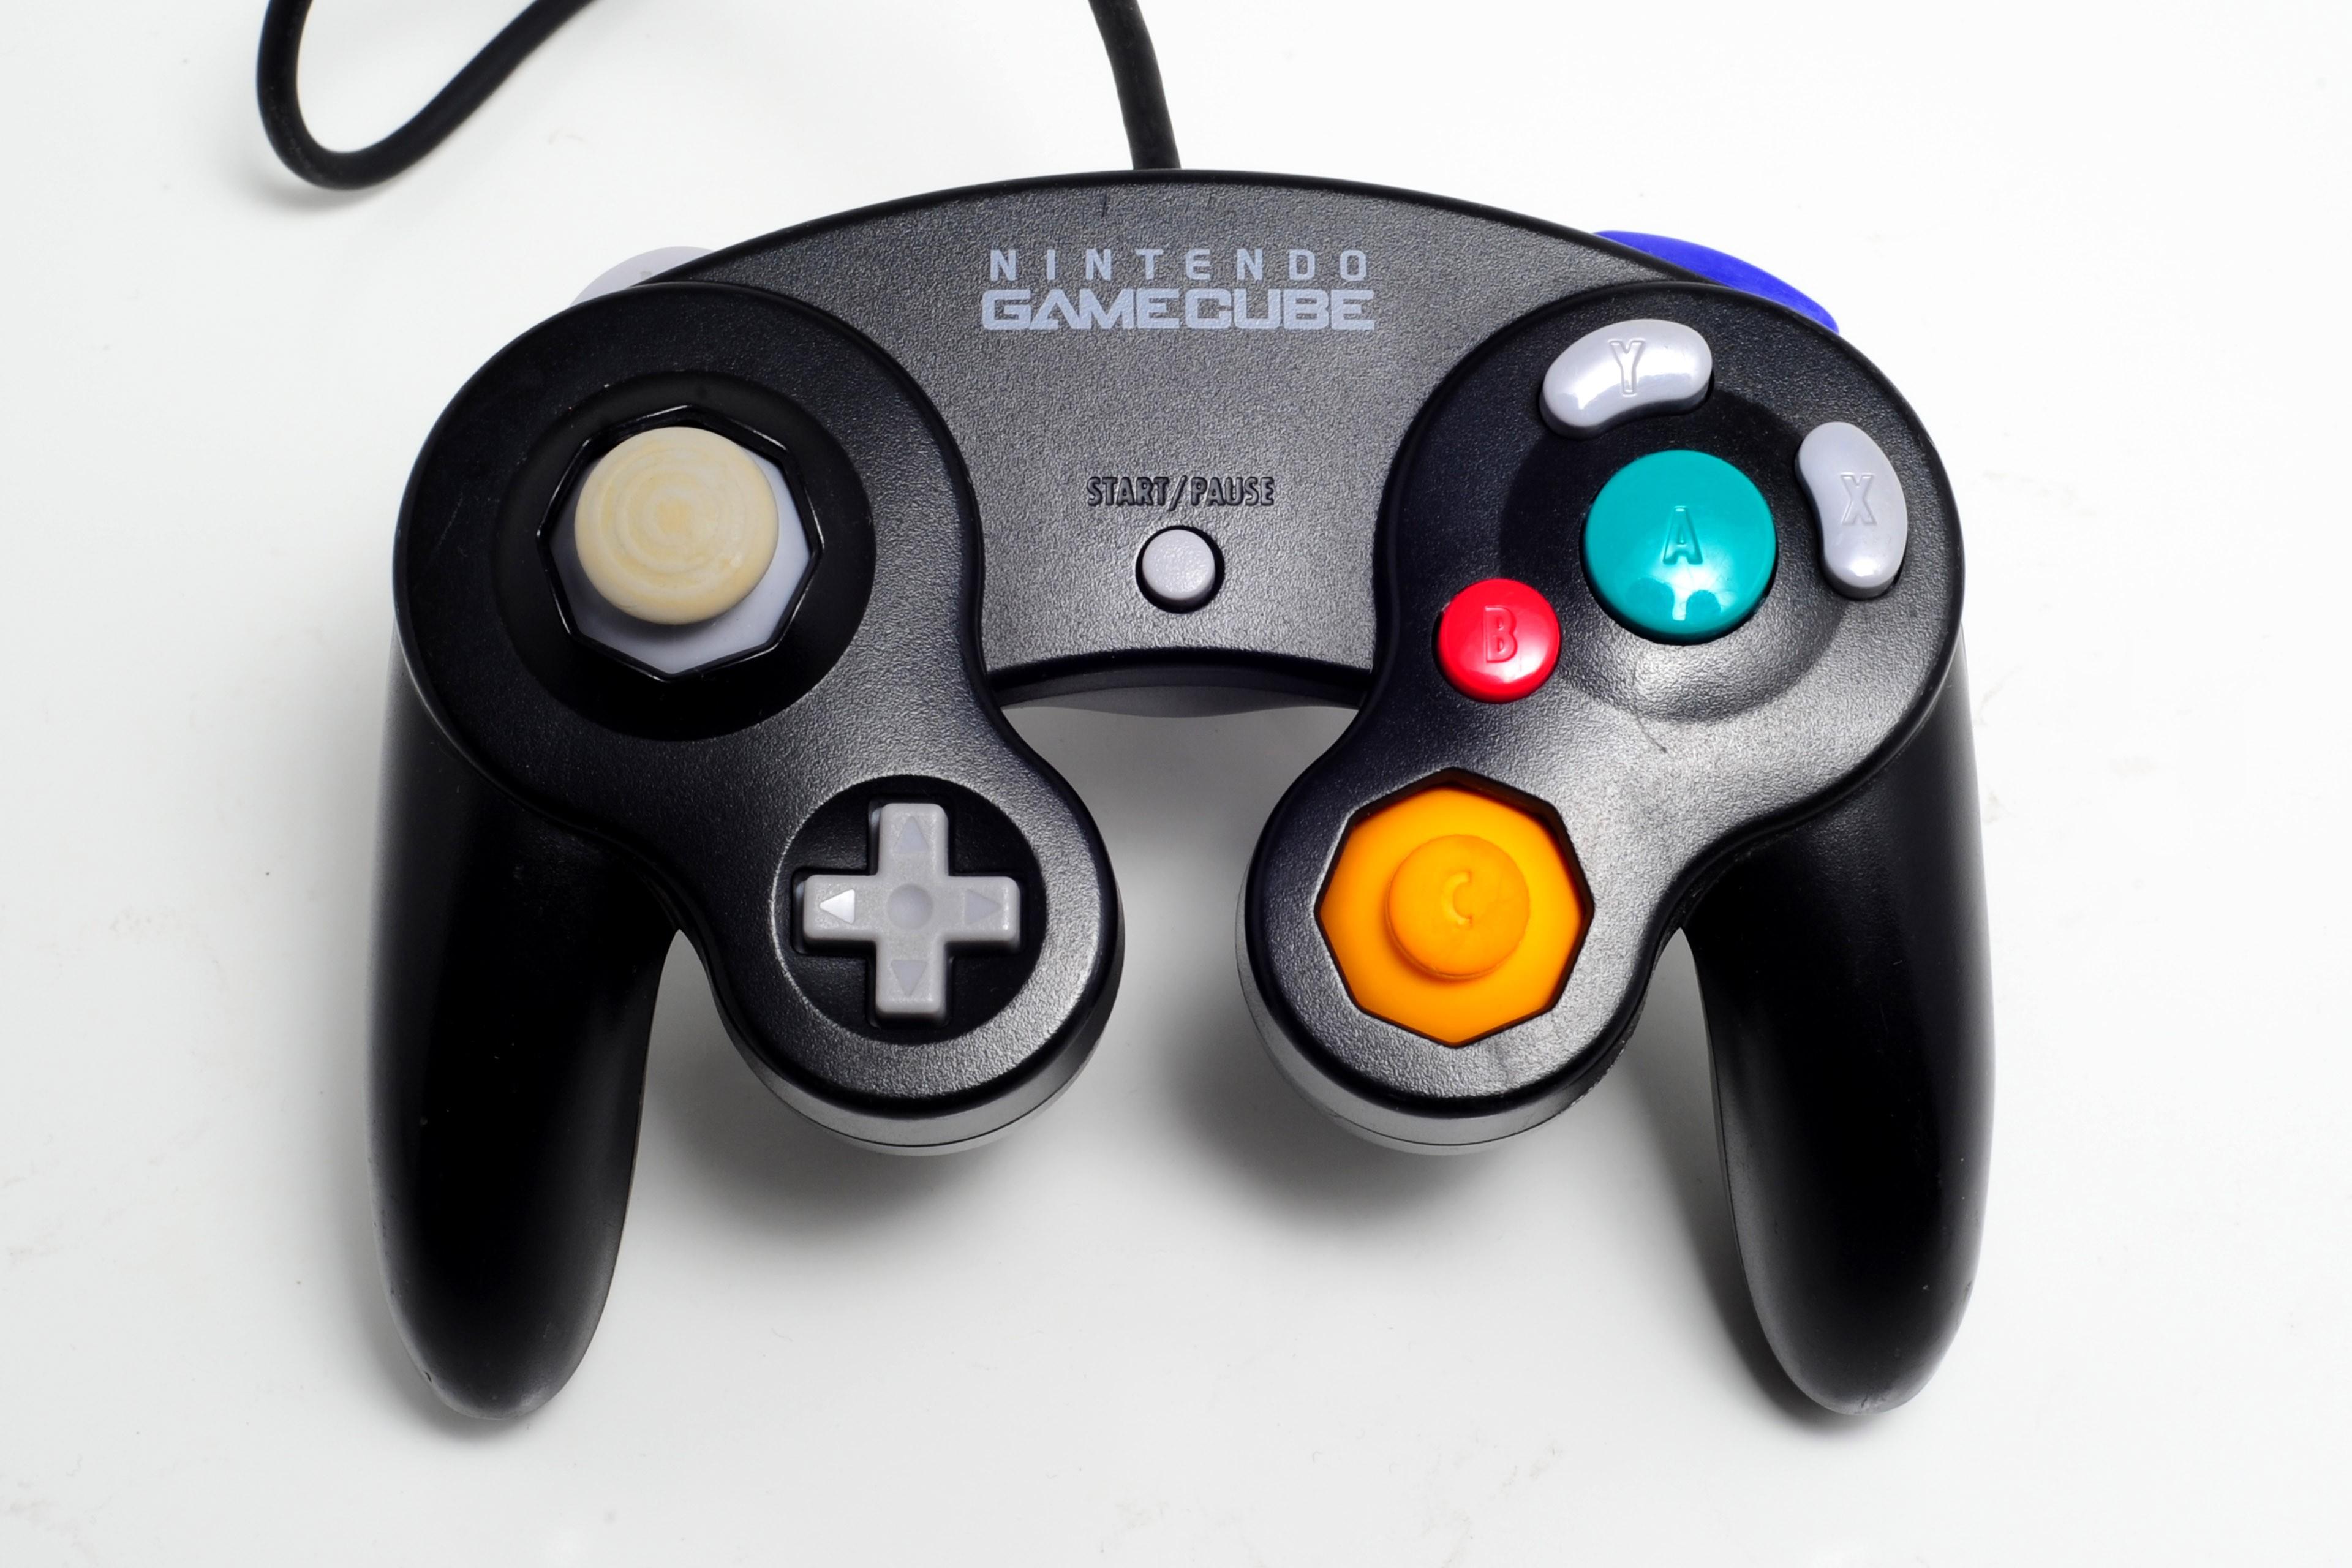 Nintendo GameCube black original controller